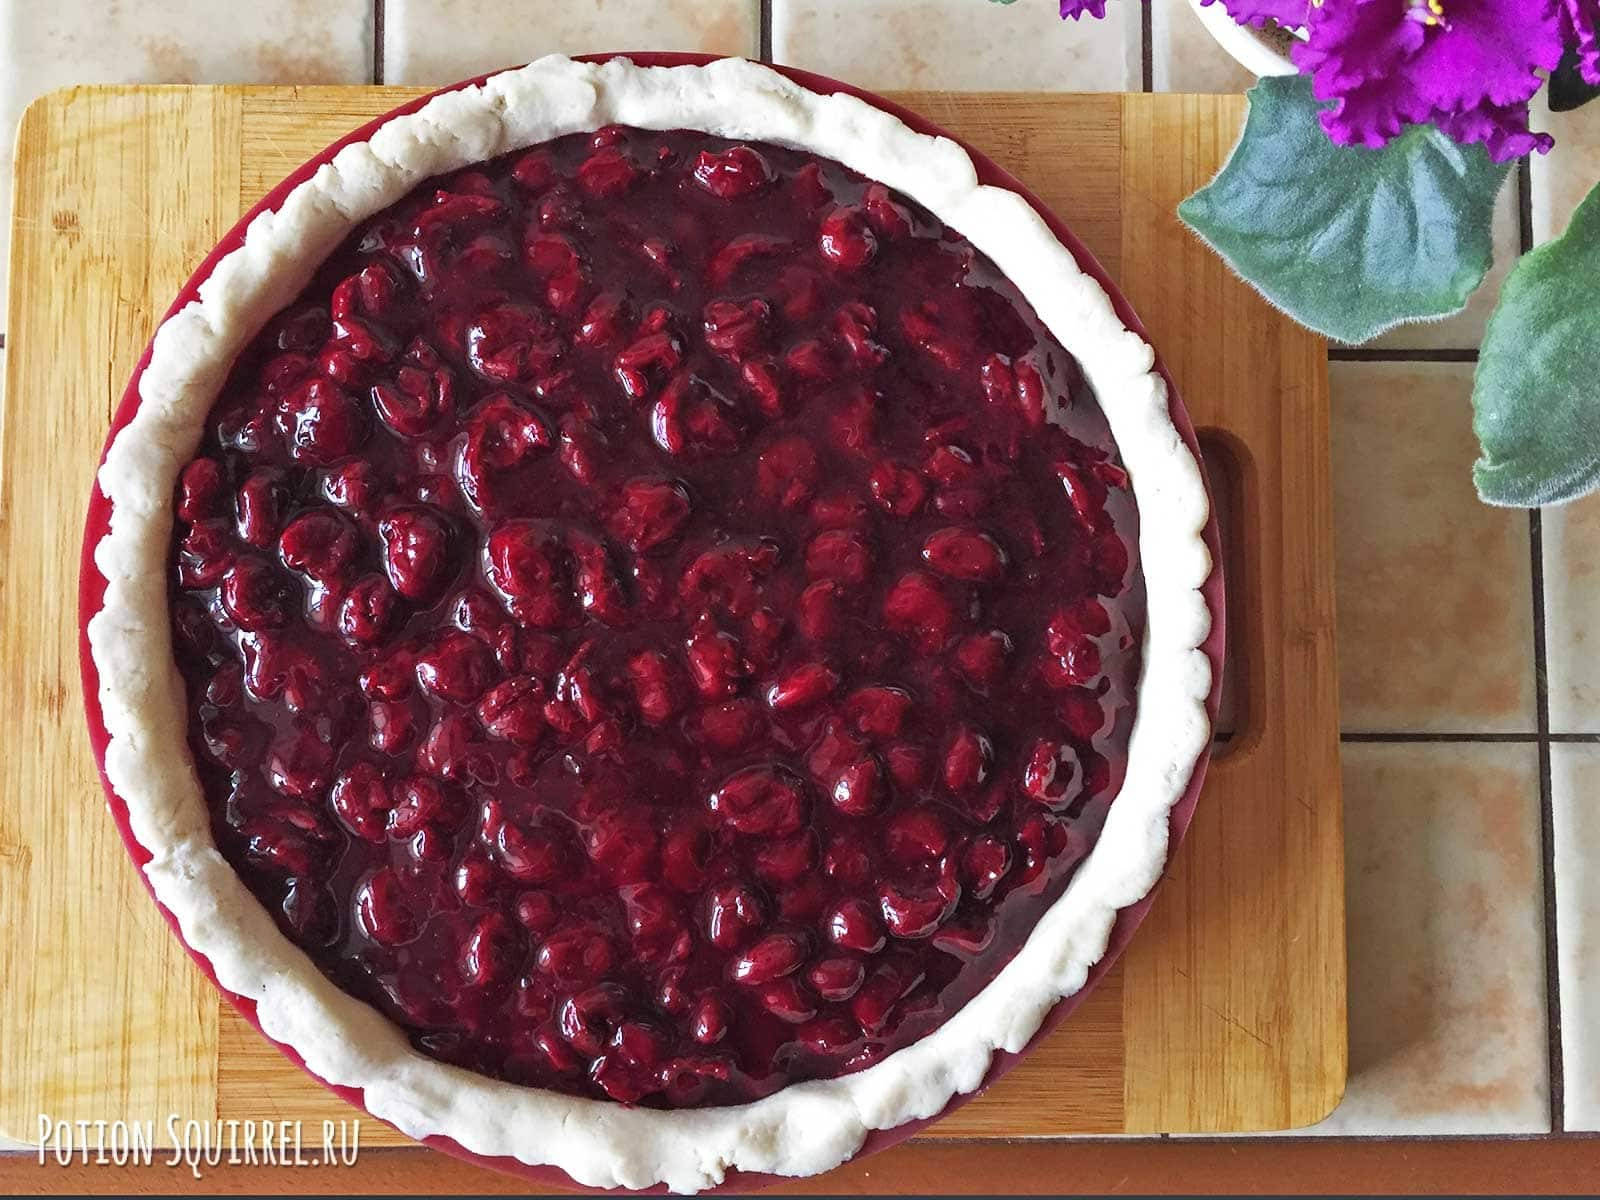 Пирог с вишней: выкладываем начинку